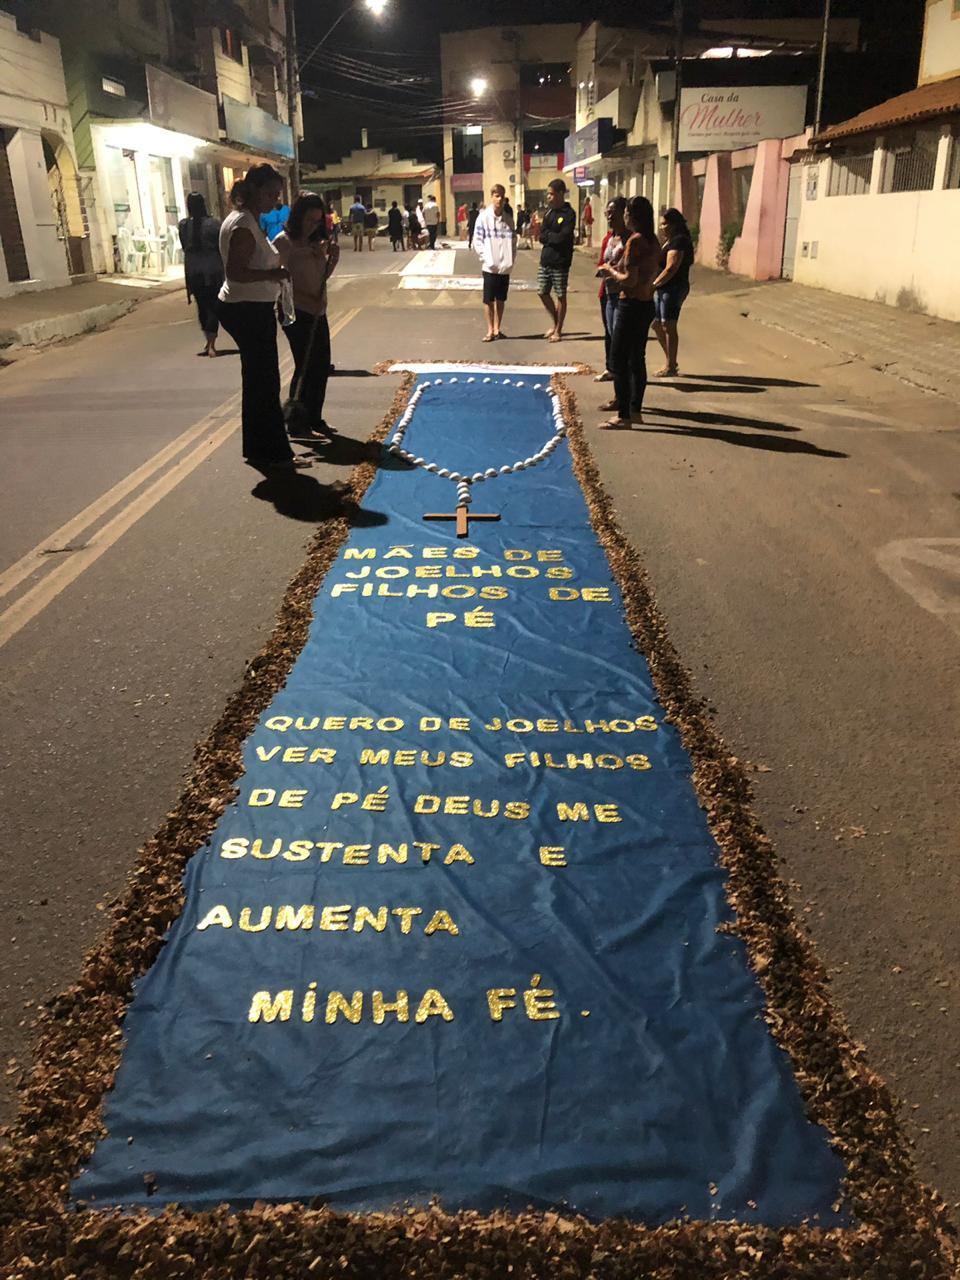 GRUPOS DE MÃES DO ESPÍRITO SANTO NA CONFECÇÃO DOS TAPETES DE CORPUS CHRISTI